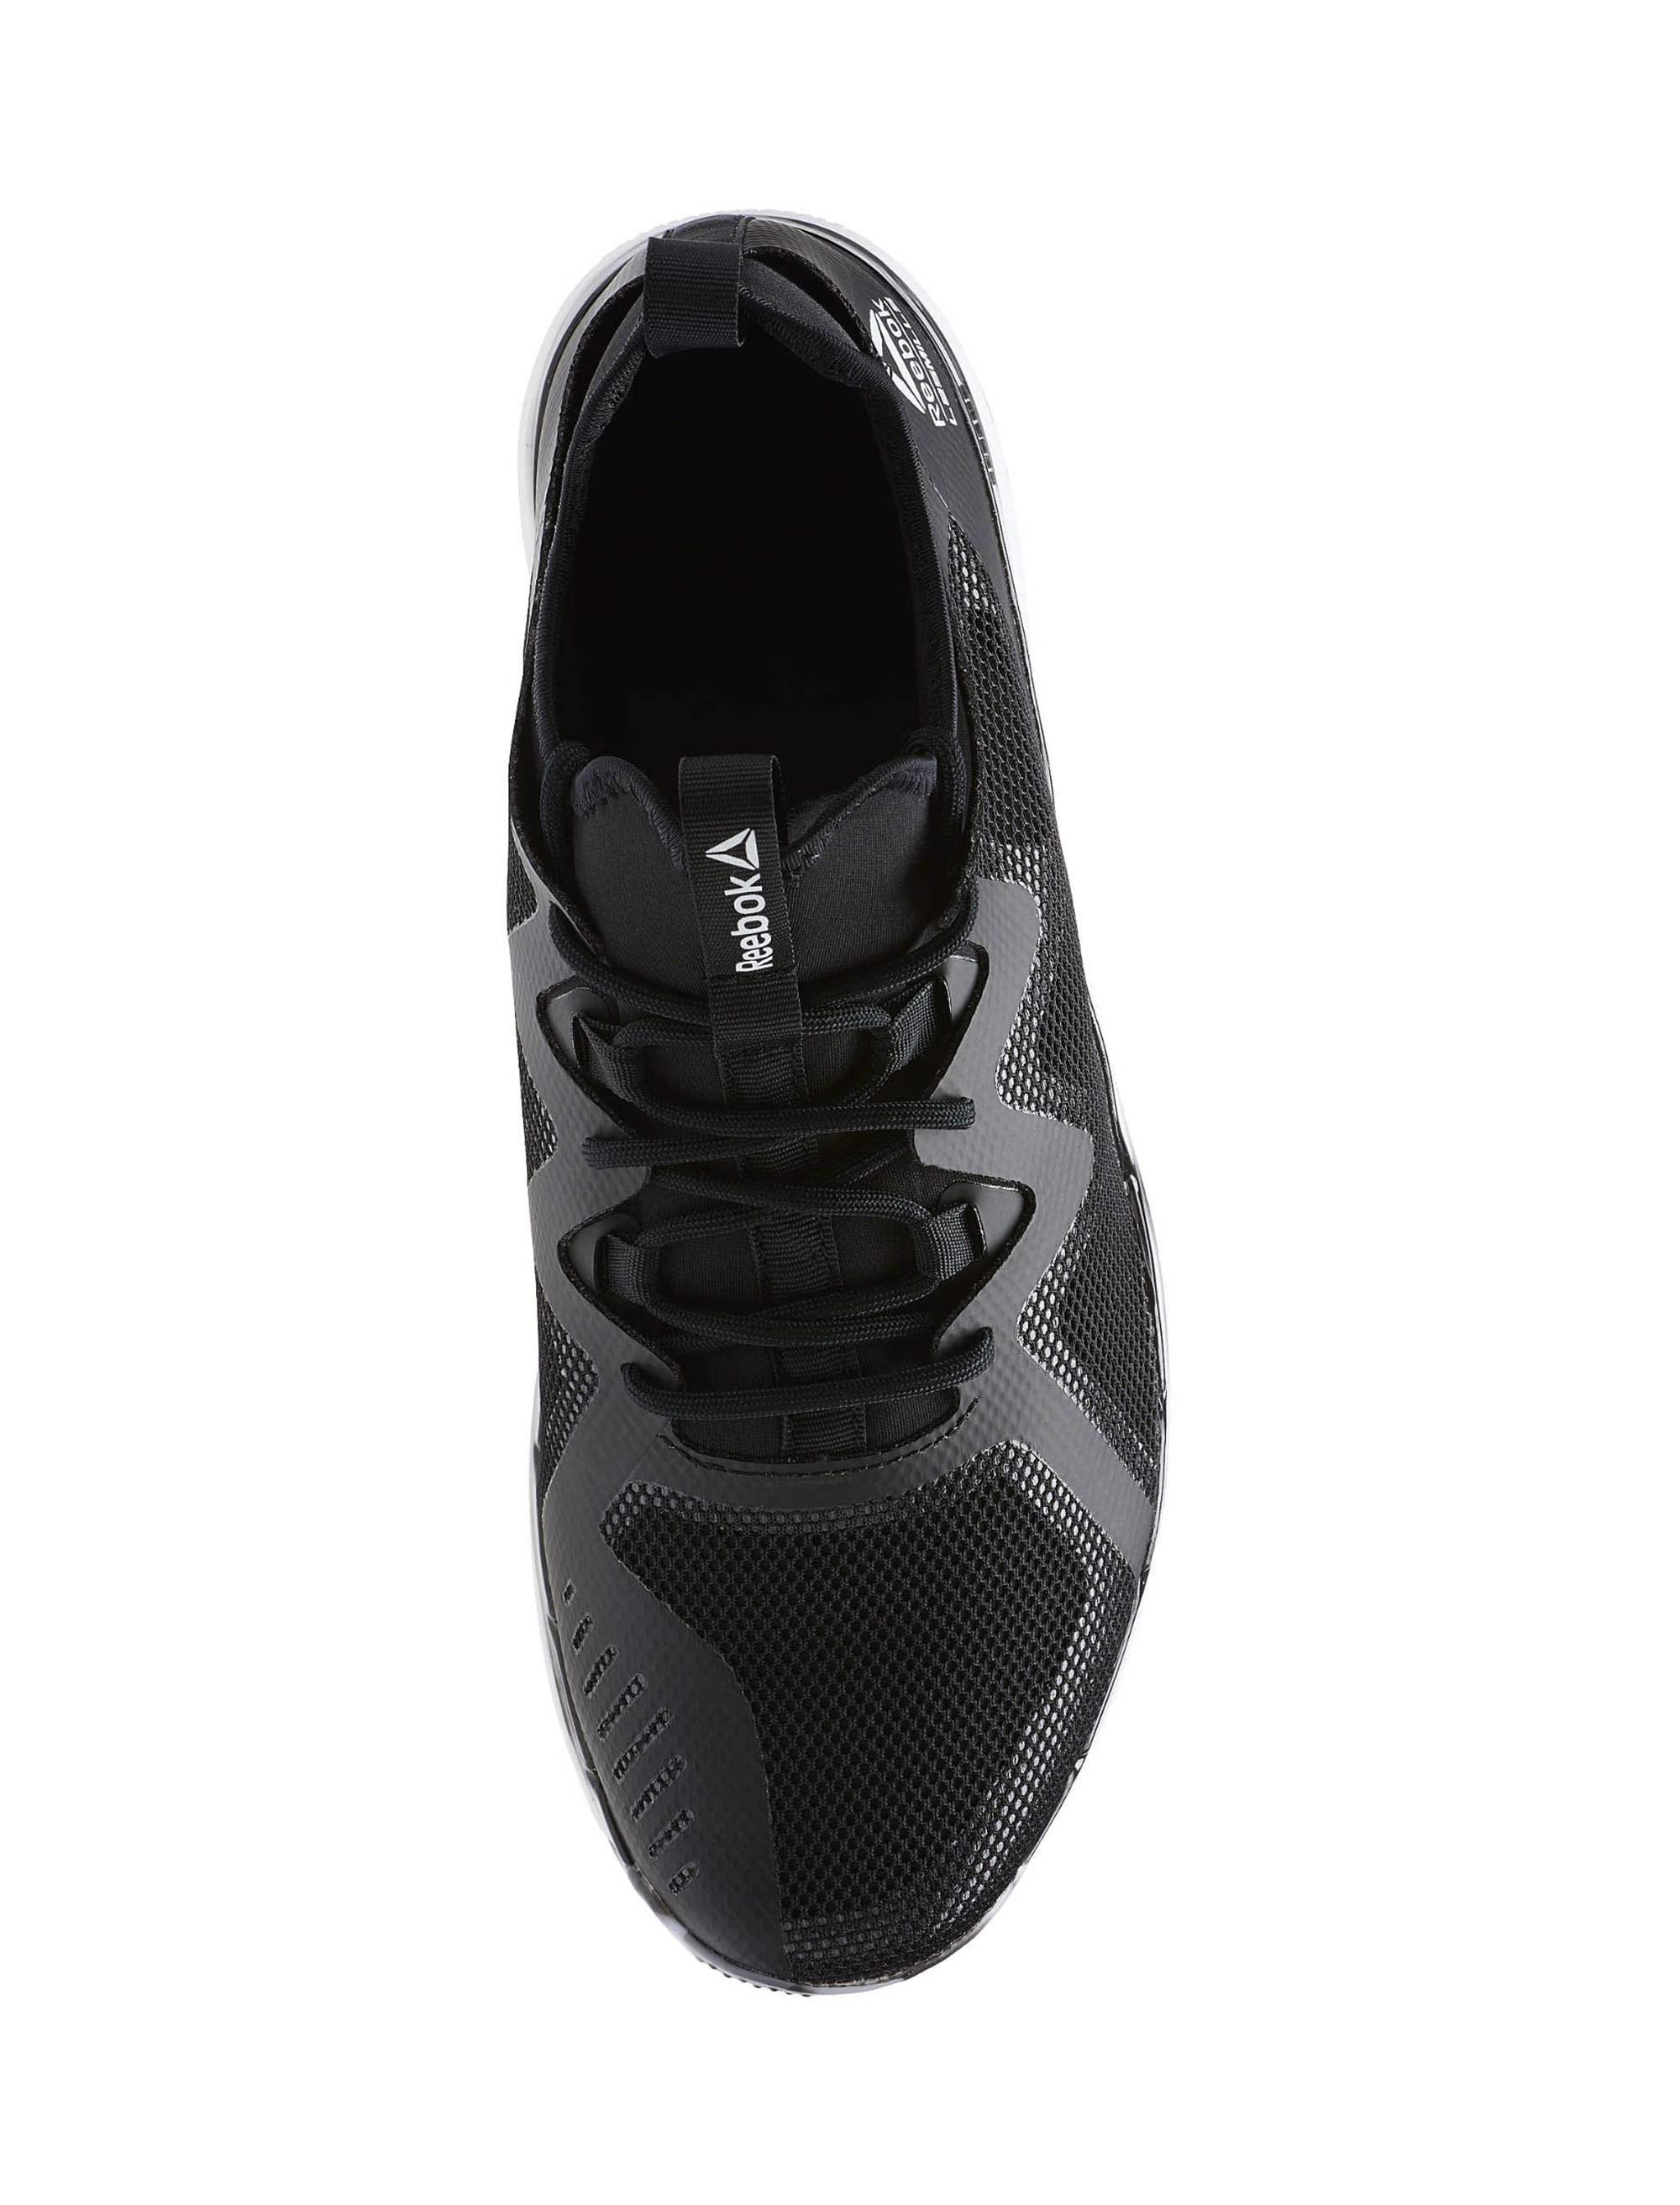 کفش تمرین بندی مردانه Ultra 4-0 - مشکي - 5